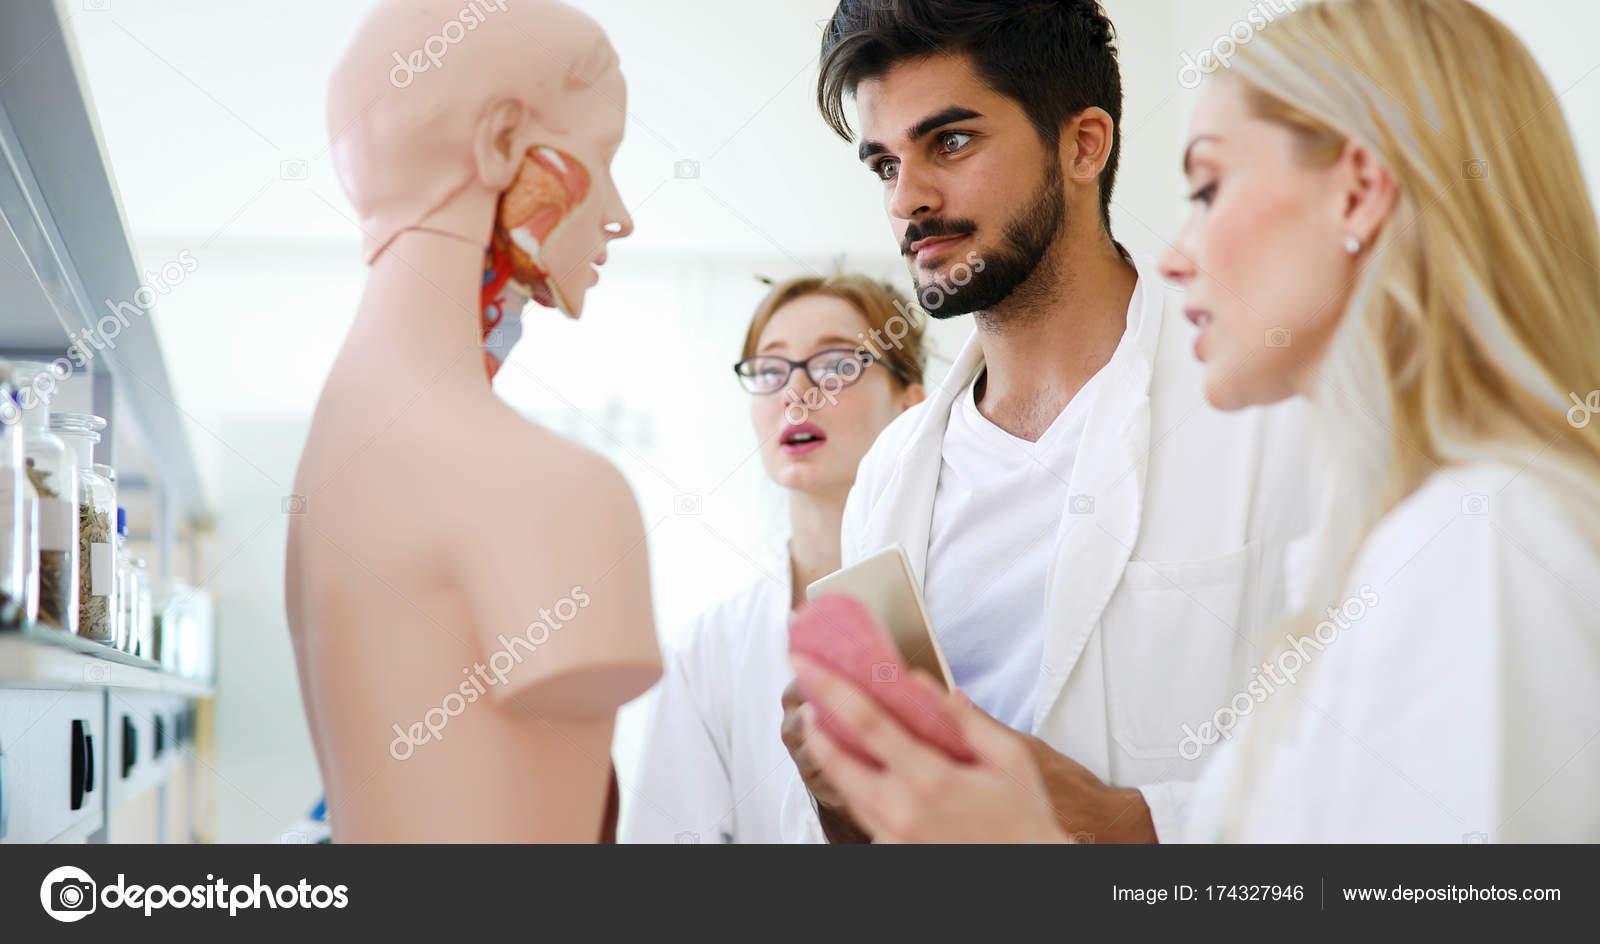 Medizin untersuchen gemeinsam anatomisches Modell — Stockfoto ...